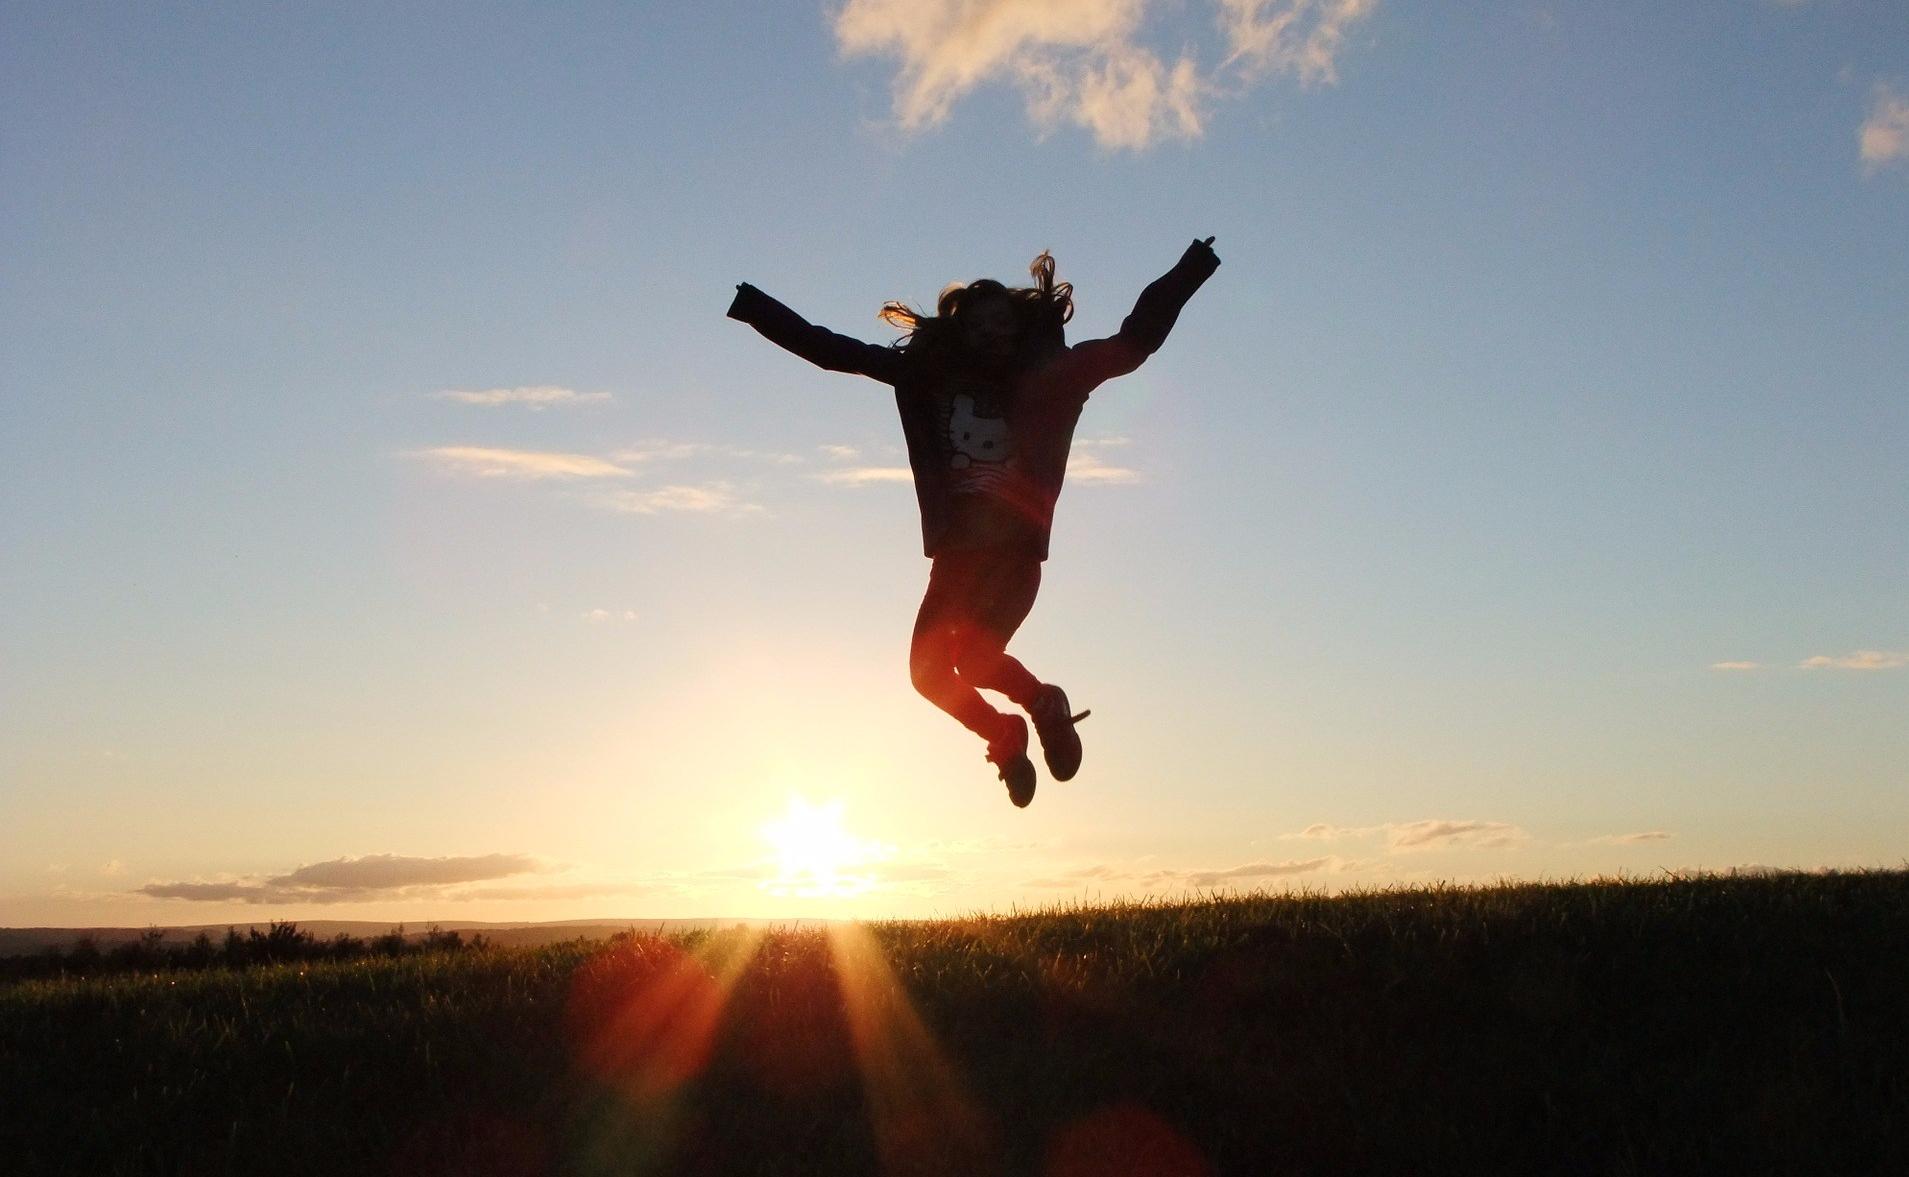 marc-miro-transformacion--liderazgo-desarrollo-personal-coaching-metas-exito-blog-72